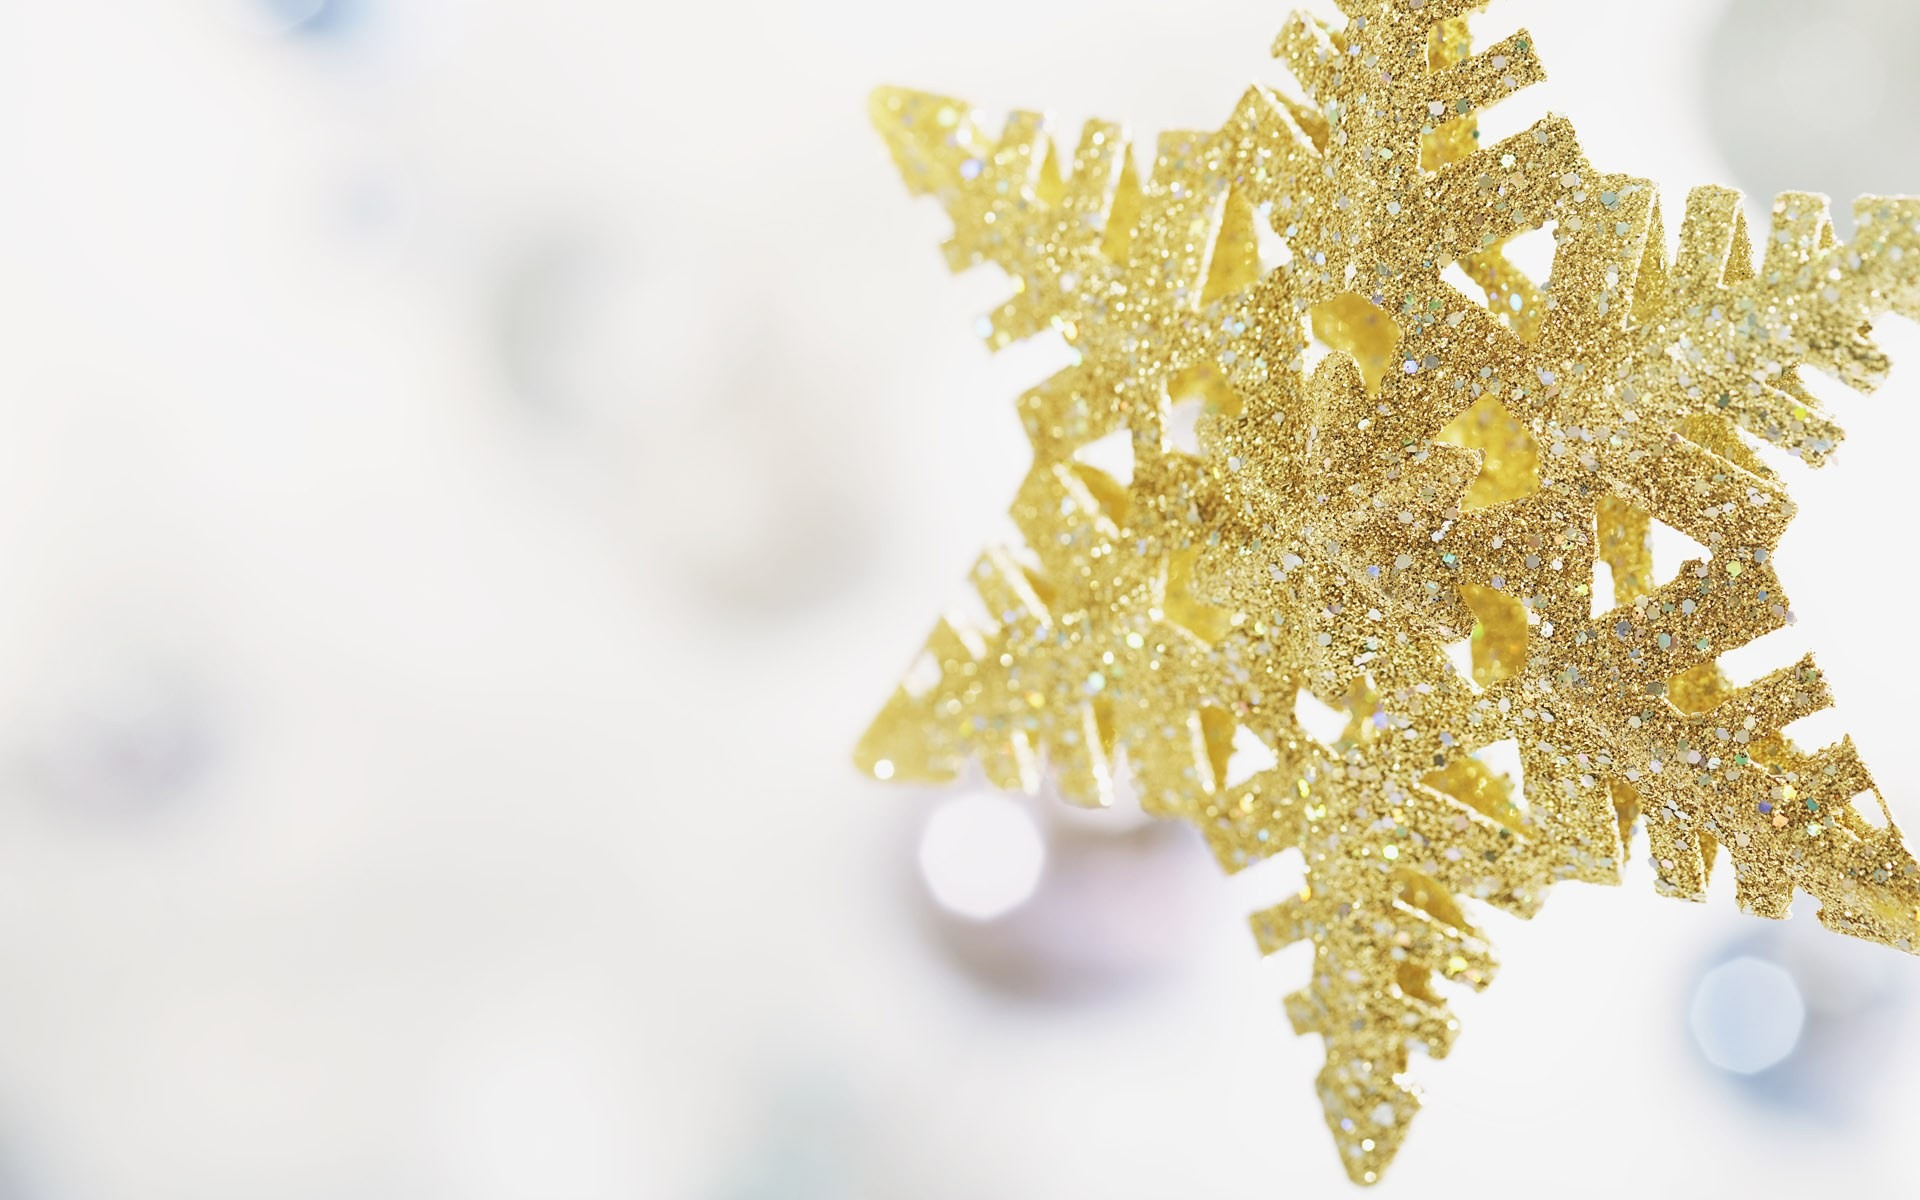 часы игрушки подарки снежинки  № 2647474 без смс